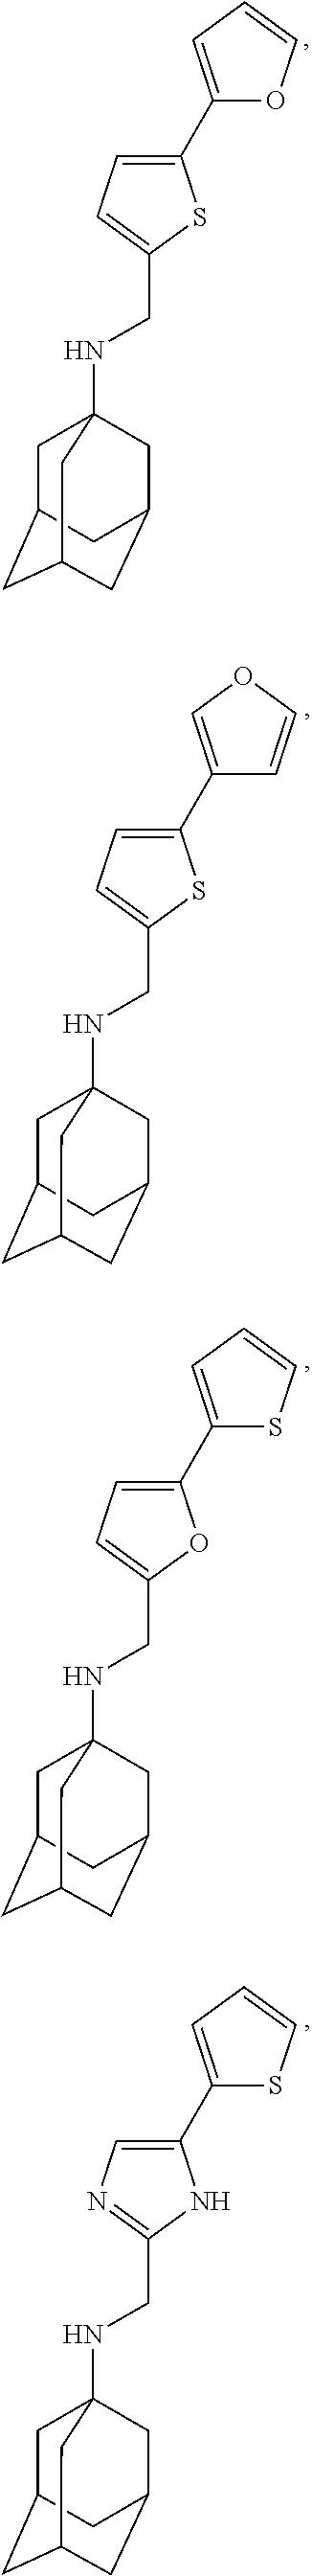 Figure US09884832-20180206-C00057